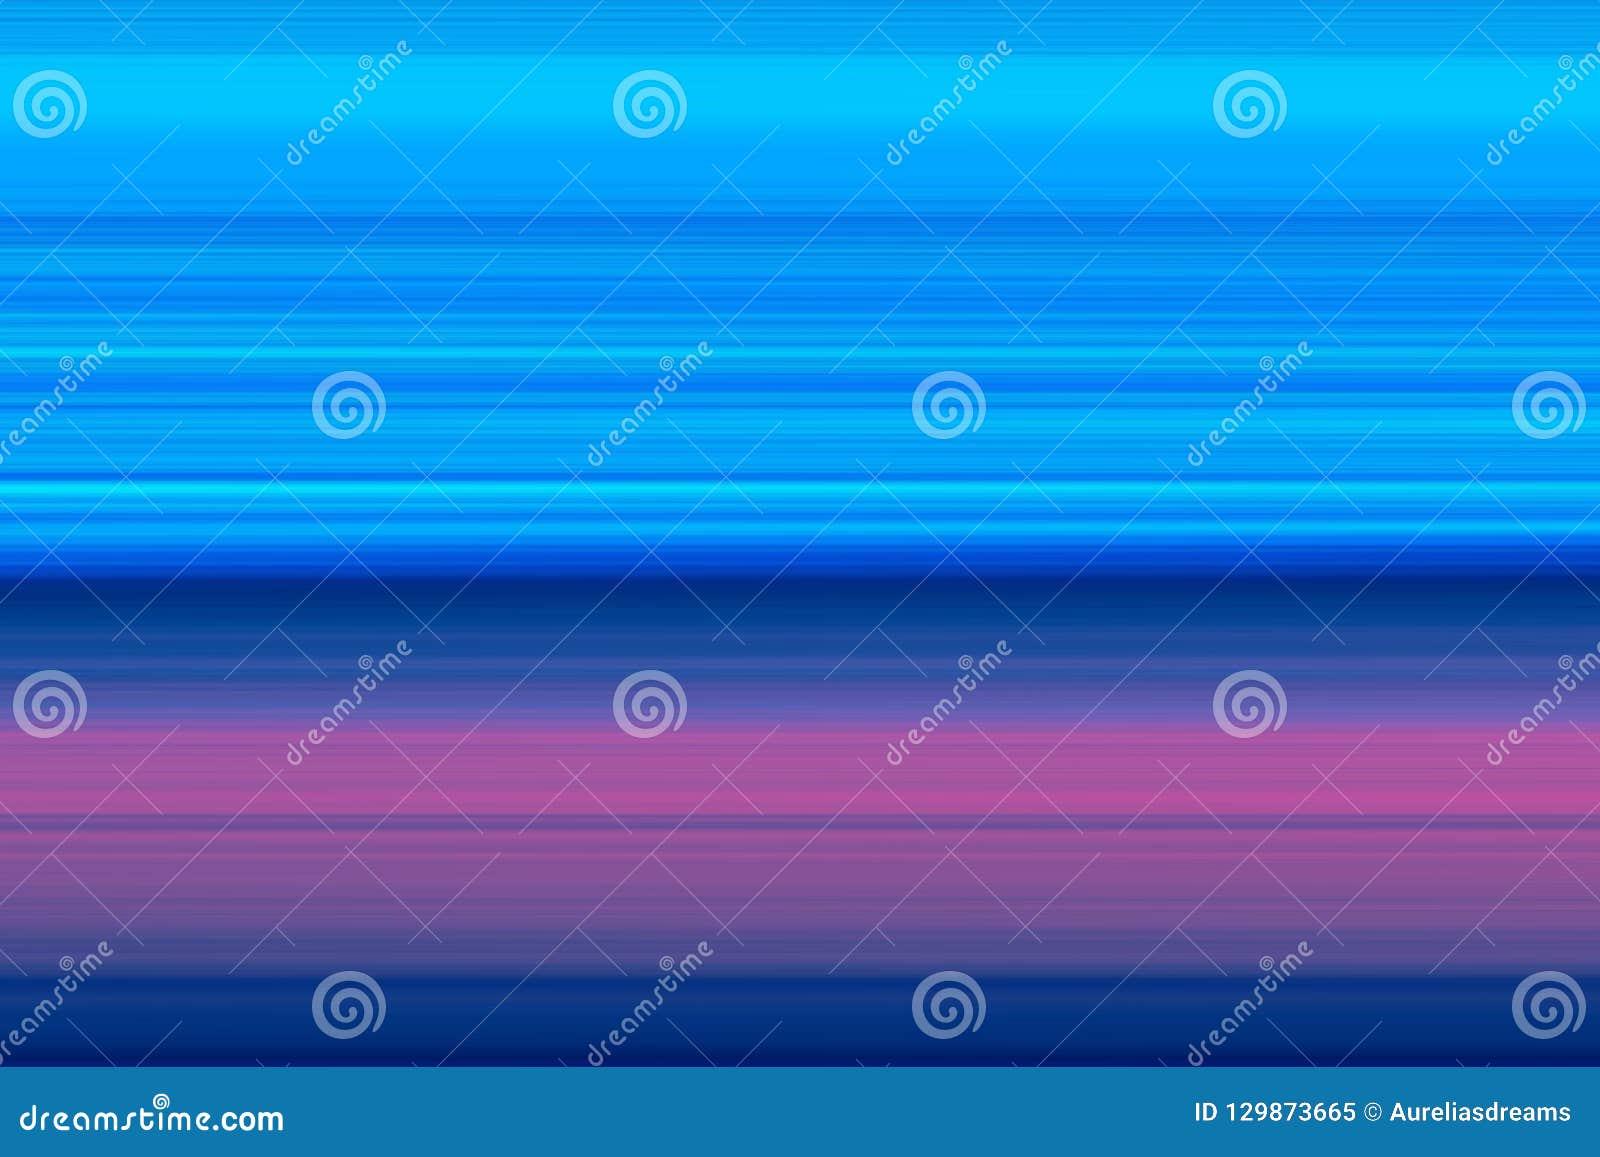 Lineas horizontales brillantes fondo, textura del extracto olorful del ¡de Ð en tonos azules